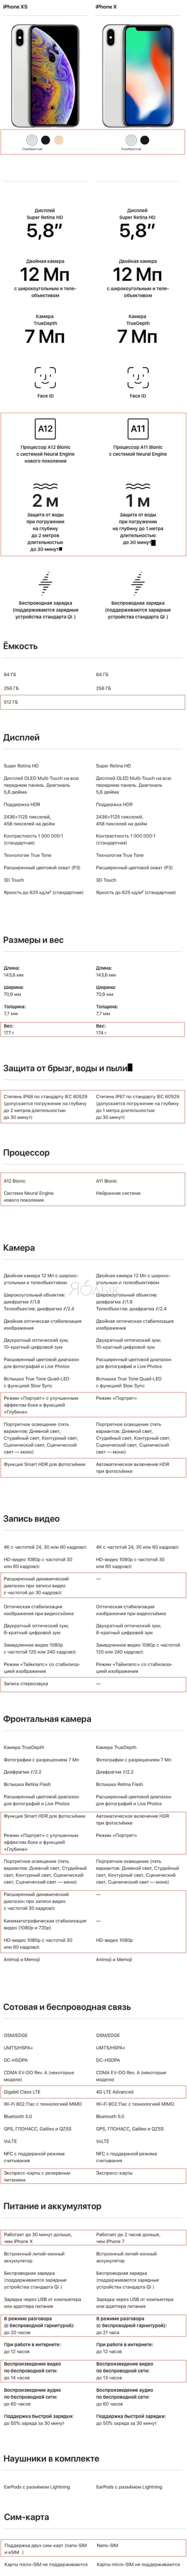 Подробное сравнение характеристик (спецификаций)iPhone X и iPhone XS